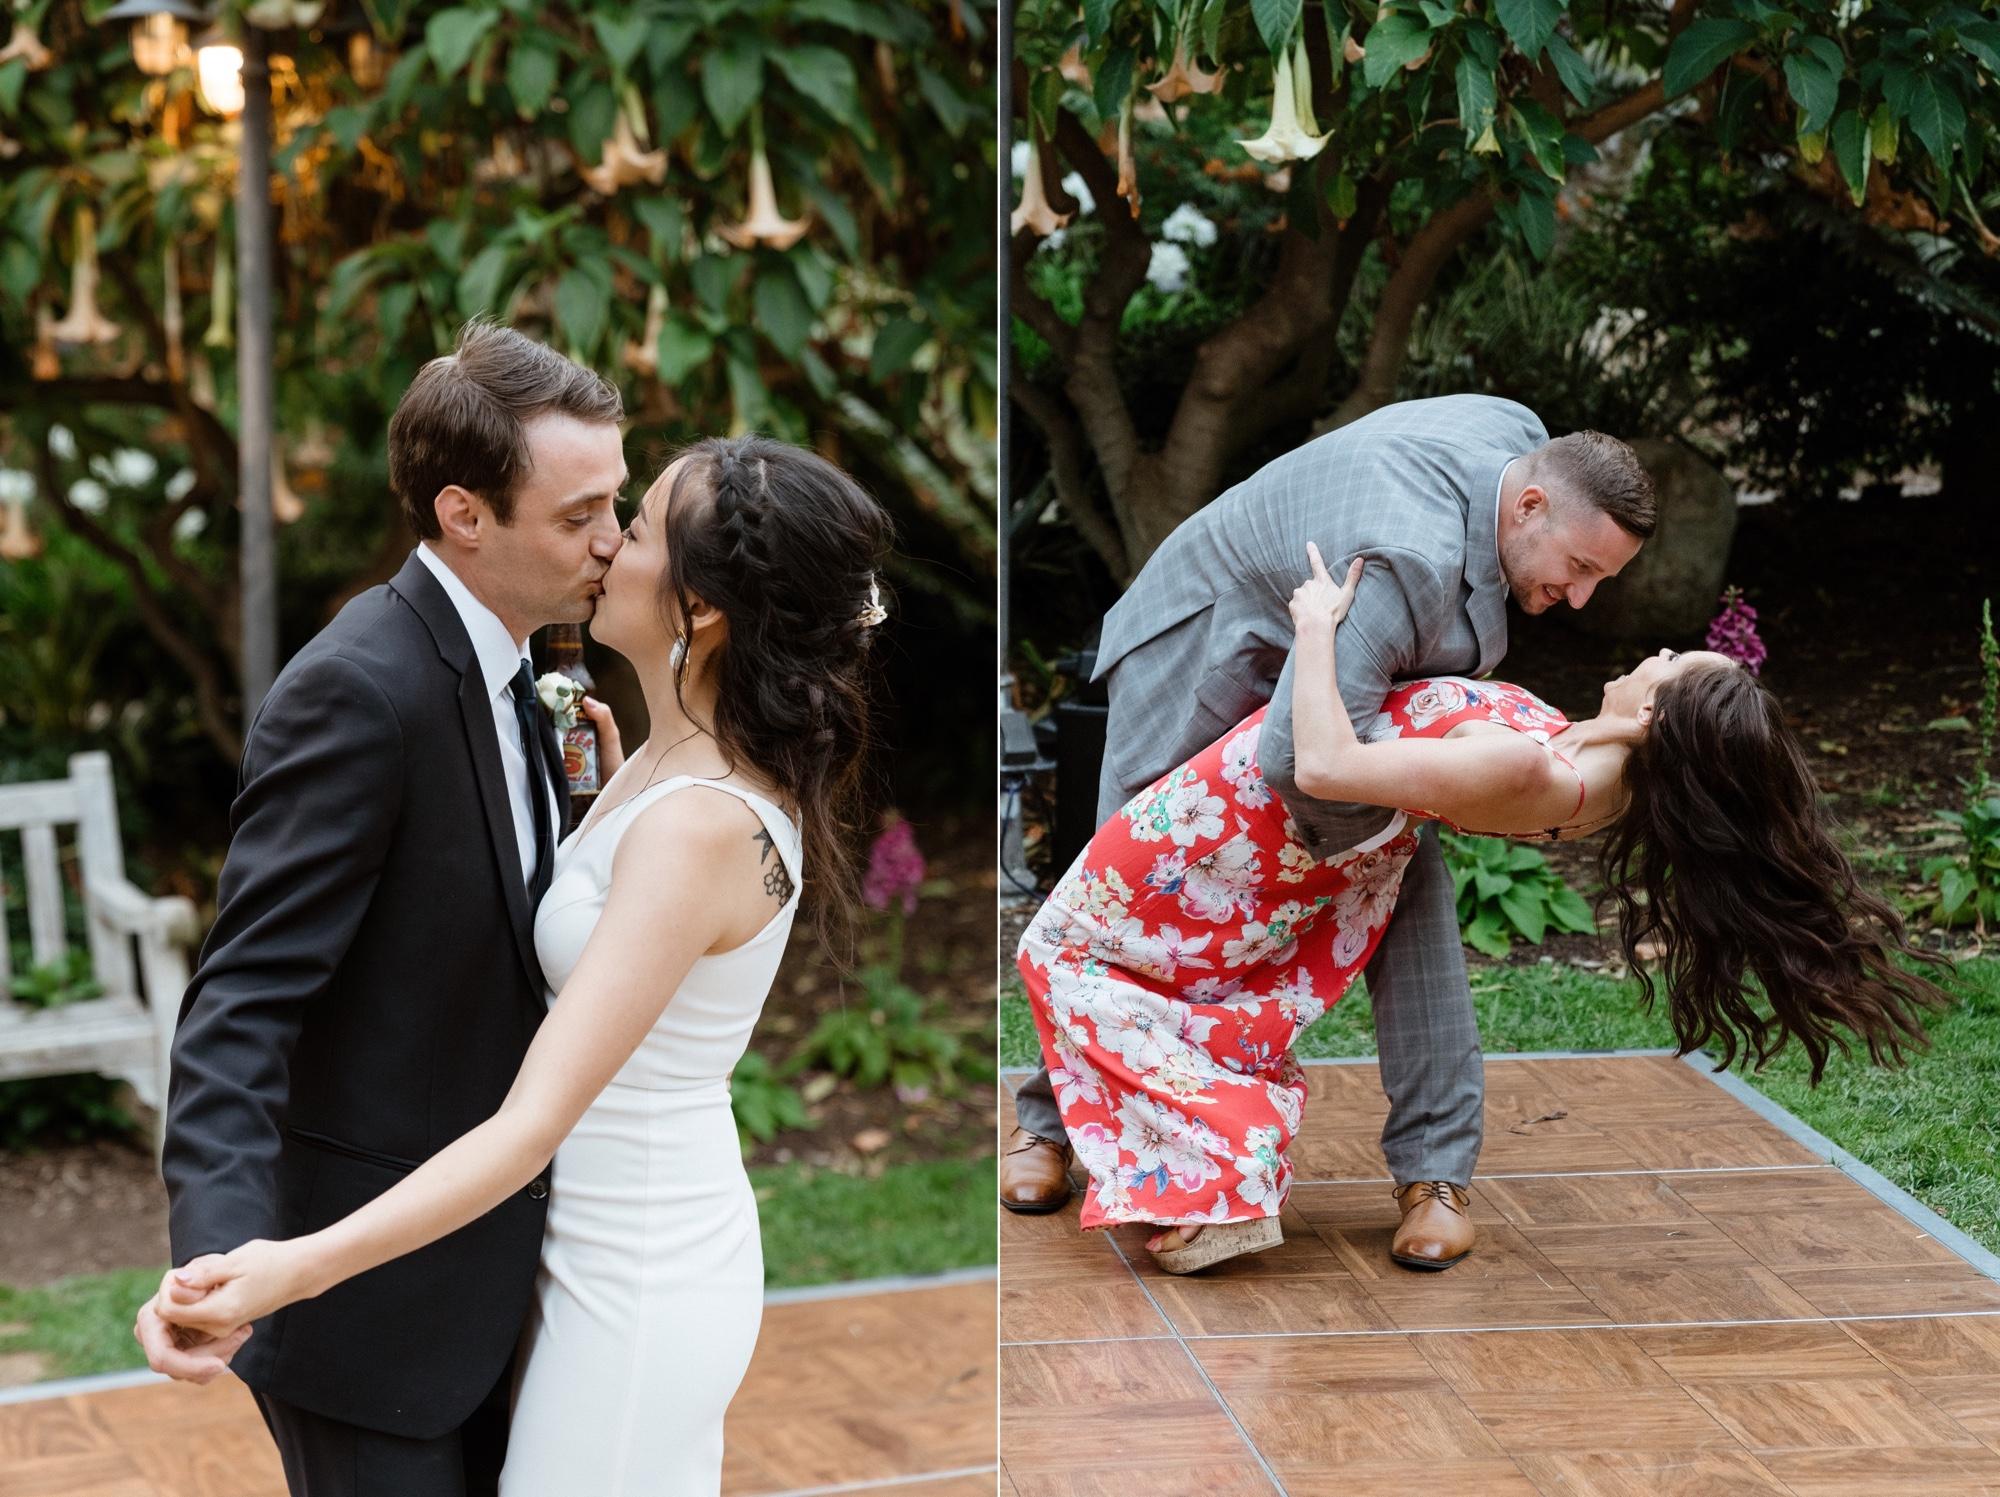 099_Shawna and Steve's Wedding-600_Shawna and Steve's Wedding-603.jpg